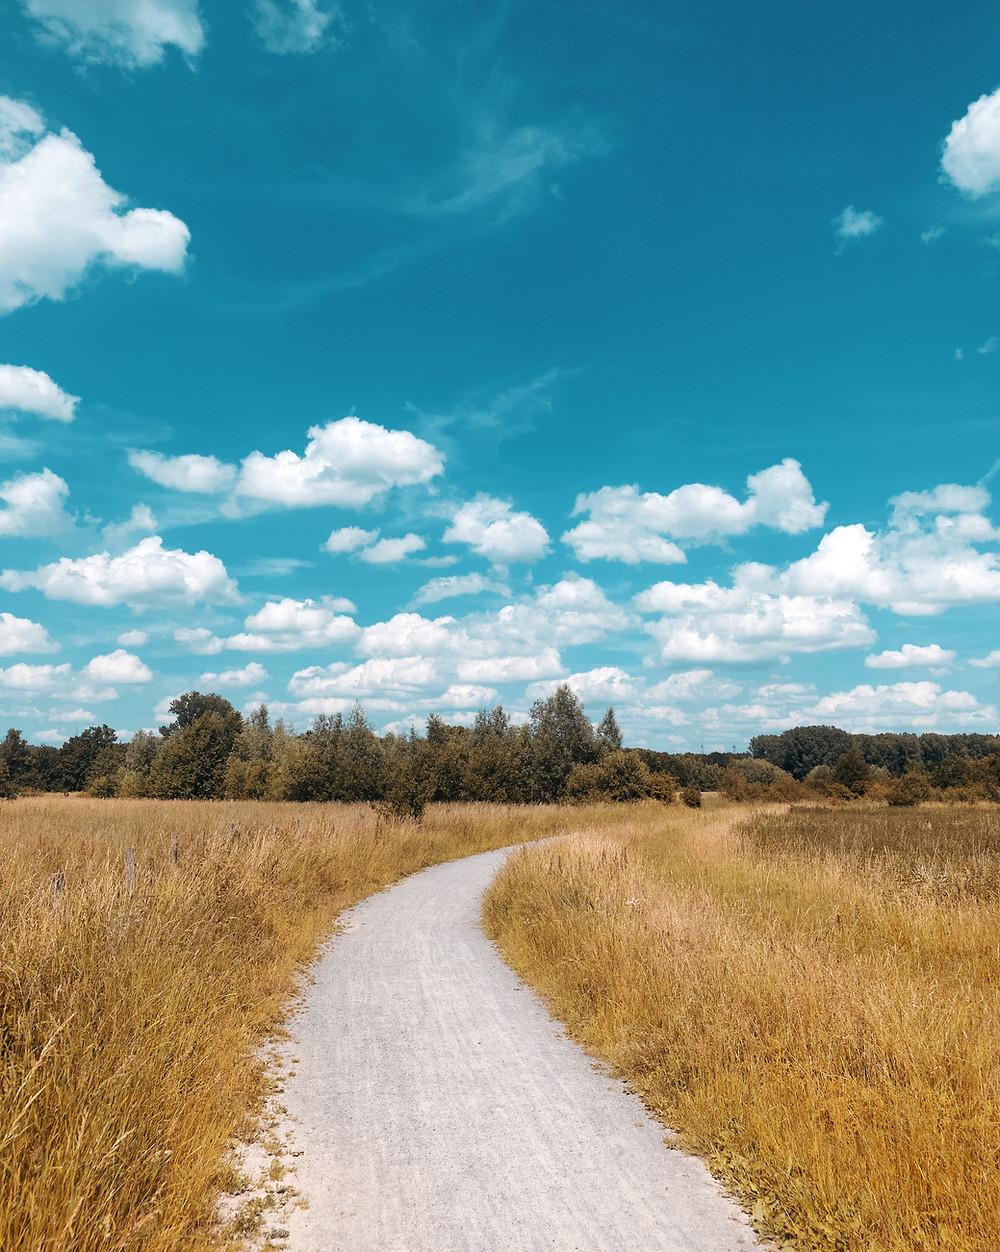 Der Weg ist das Ziel (Weg der durch Felder führt)